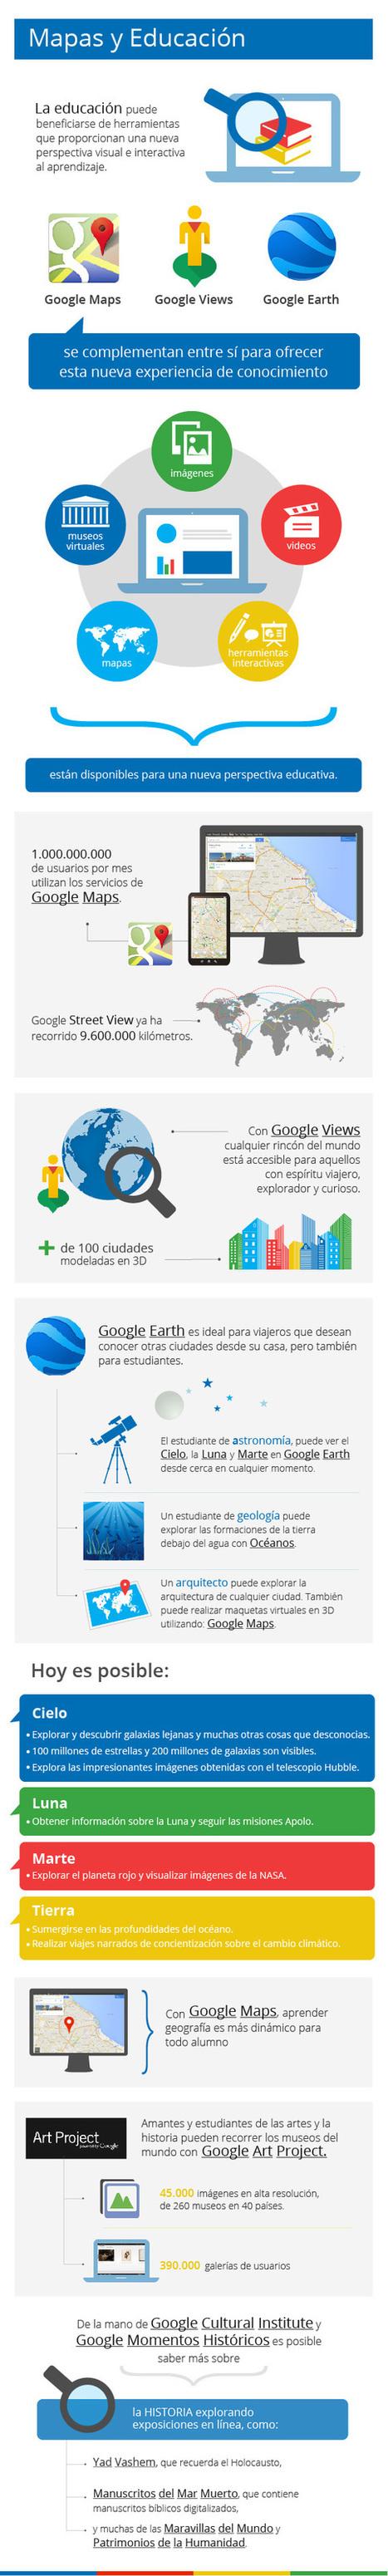 ¿Cómo está transformando Internet (y Google) el sistema educativo? | Comunicación e información digital | Scoop.it